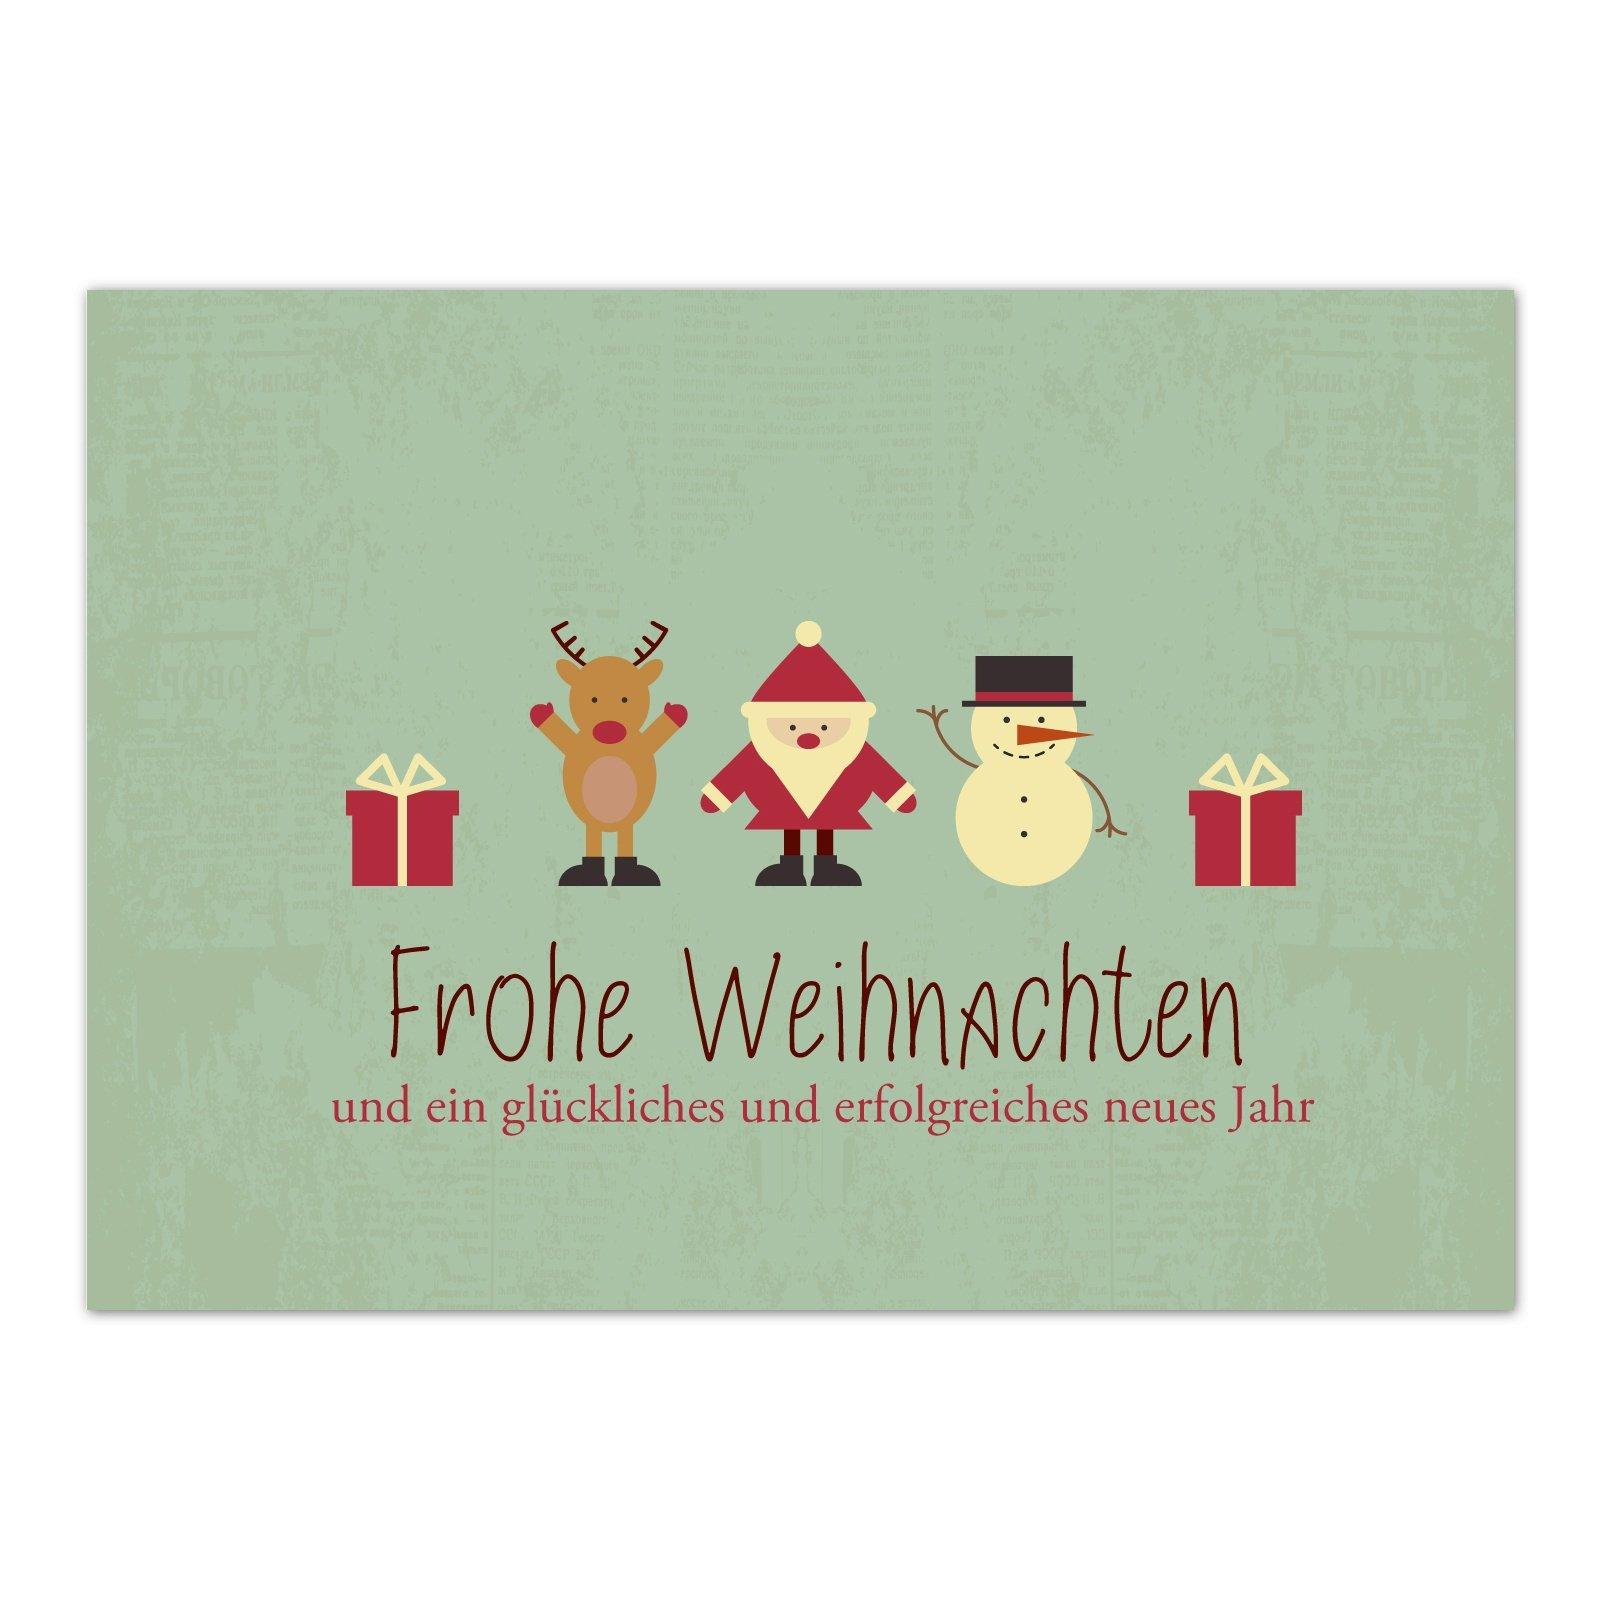 Weihnachtsgrüße Schreiben Privat.15 X Weihnachtskarten Moderner Vintage Look Grusskartenkaufen De